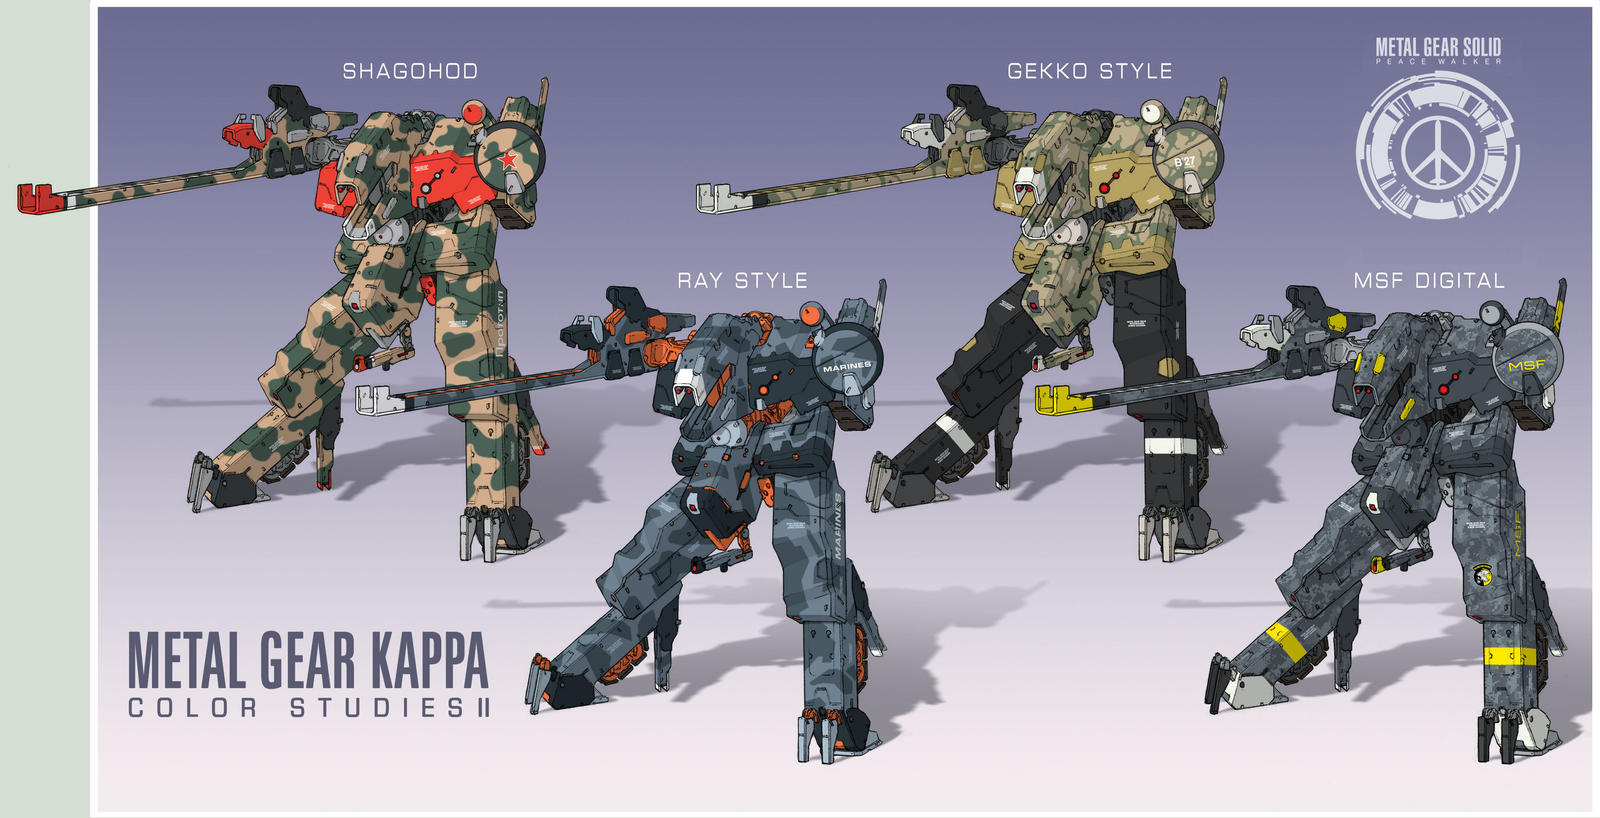 Metal Gear KAPPA pt.II by Rob-Cavanna